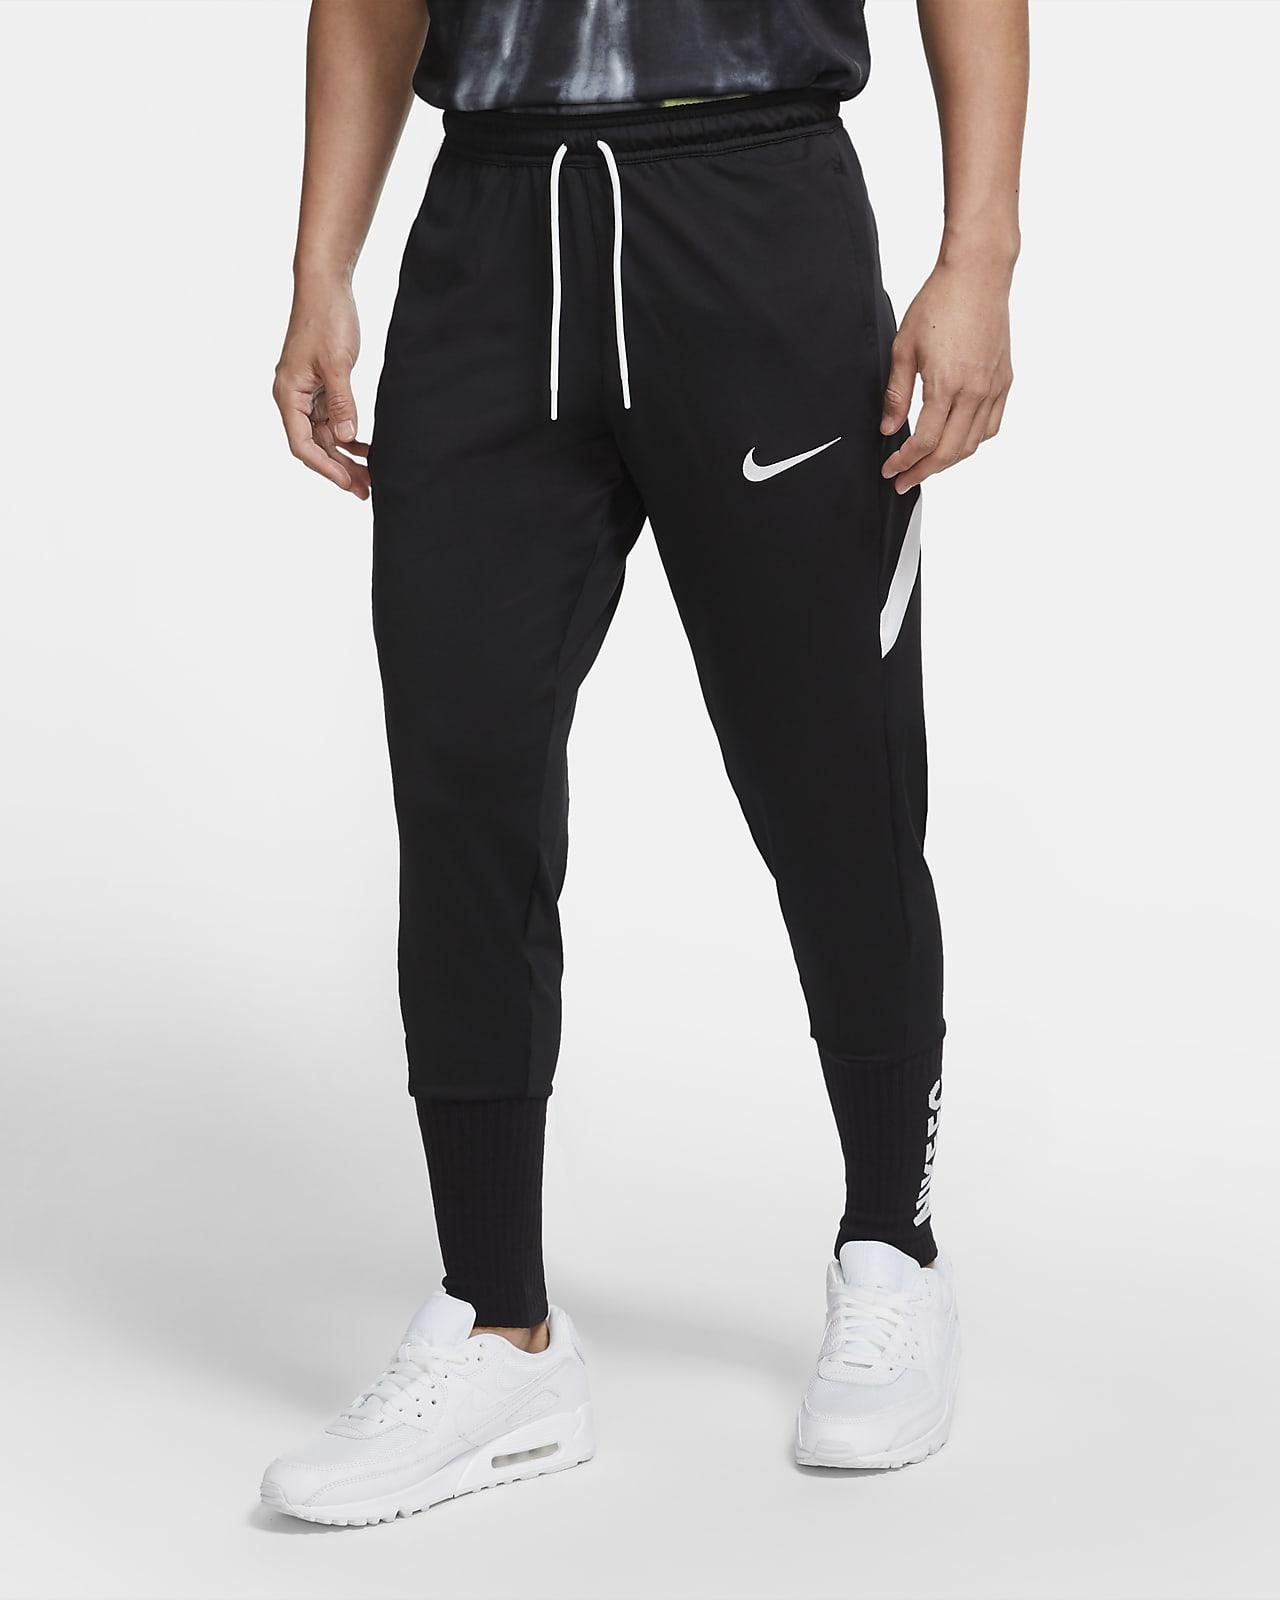 Nike F.C. Pantalons elàstics de teixit Knit de futbol - Home